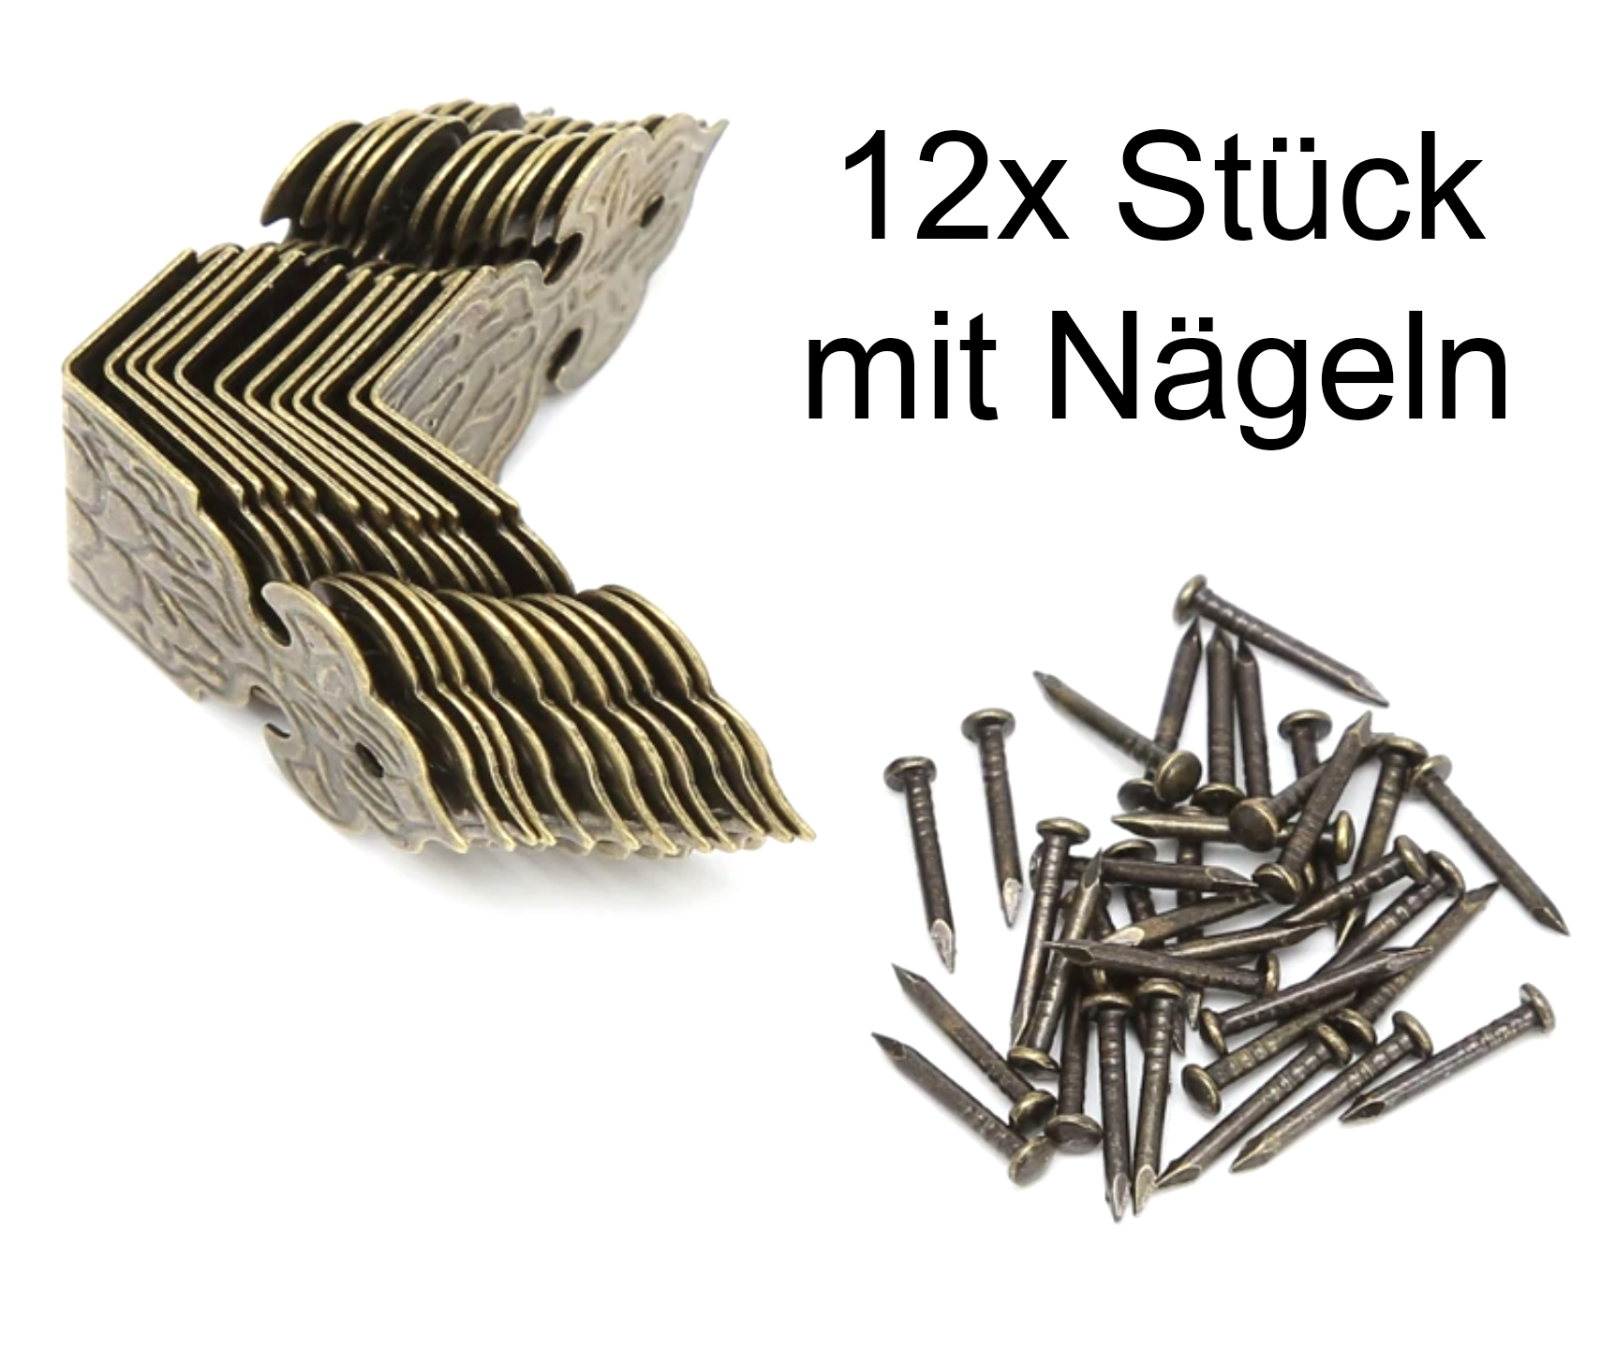 12x Metall Schutzecken Kantenschutz Ornament Möbel Ecken Restaurierungsbedarf